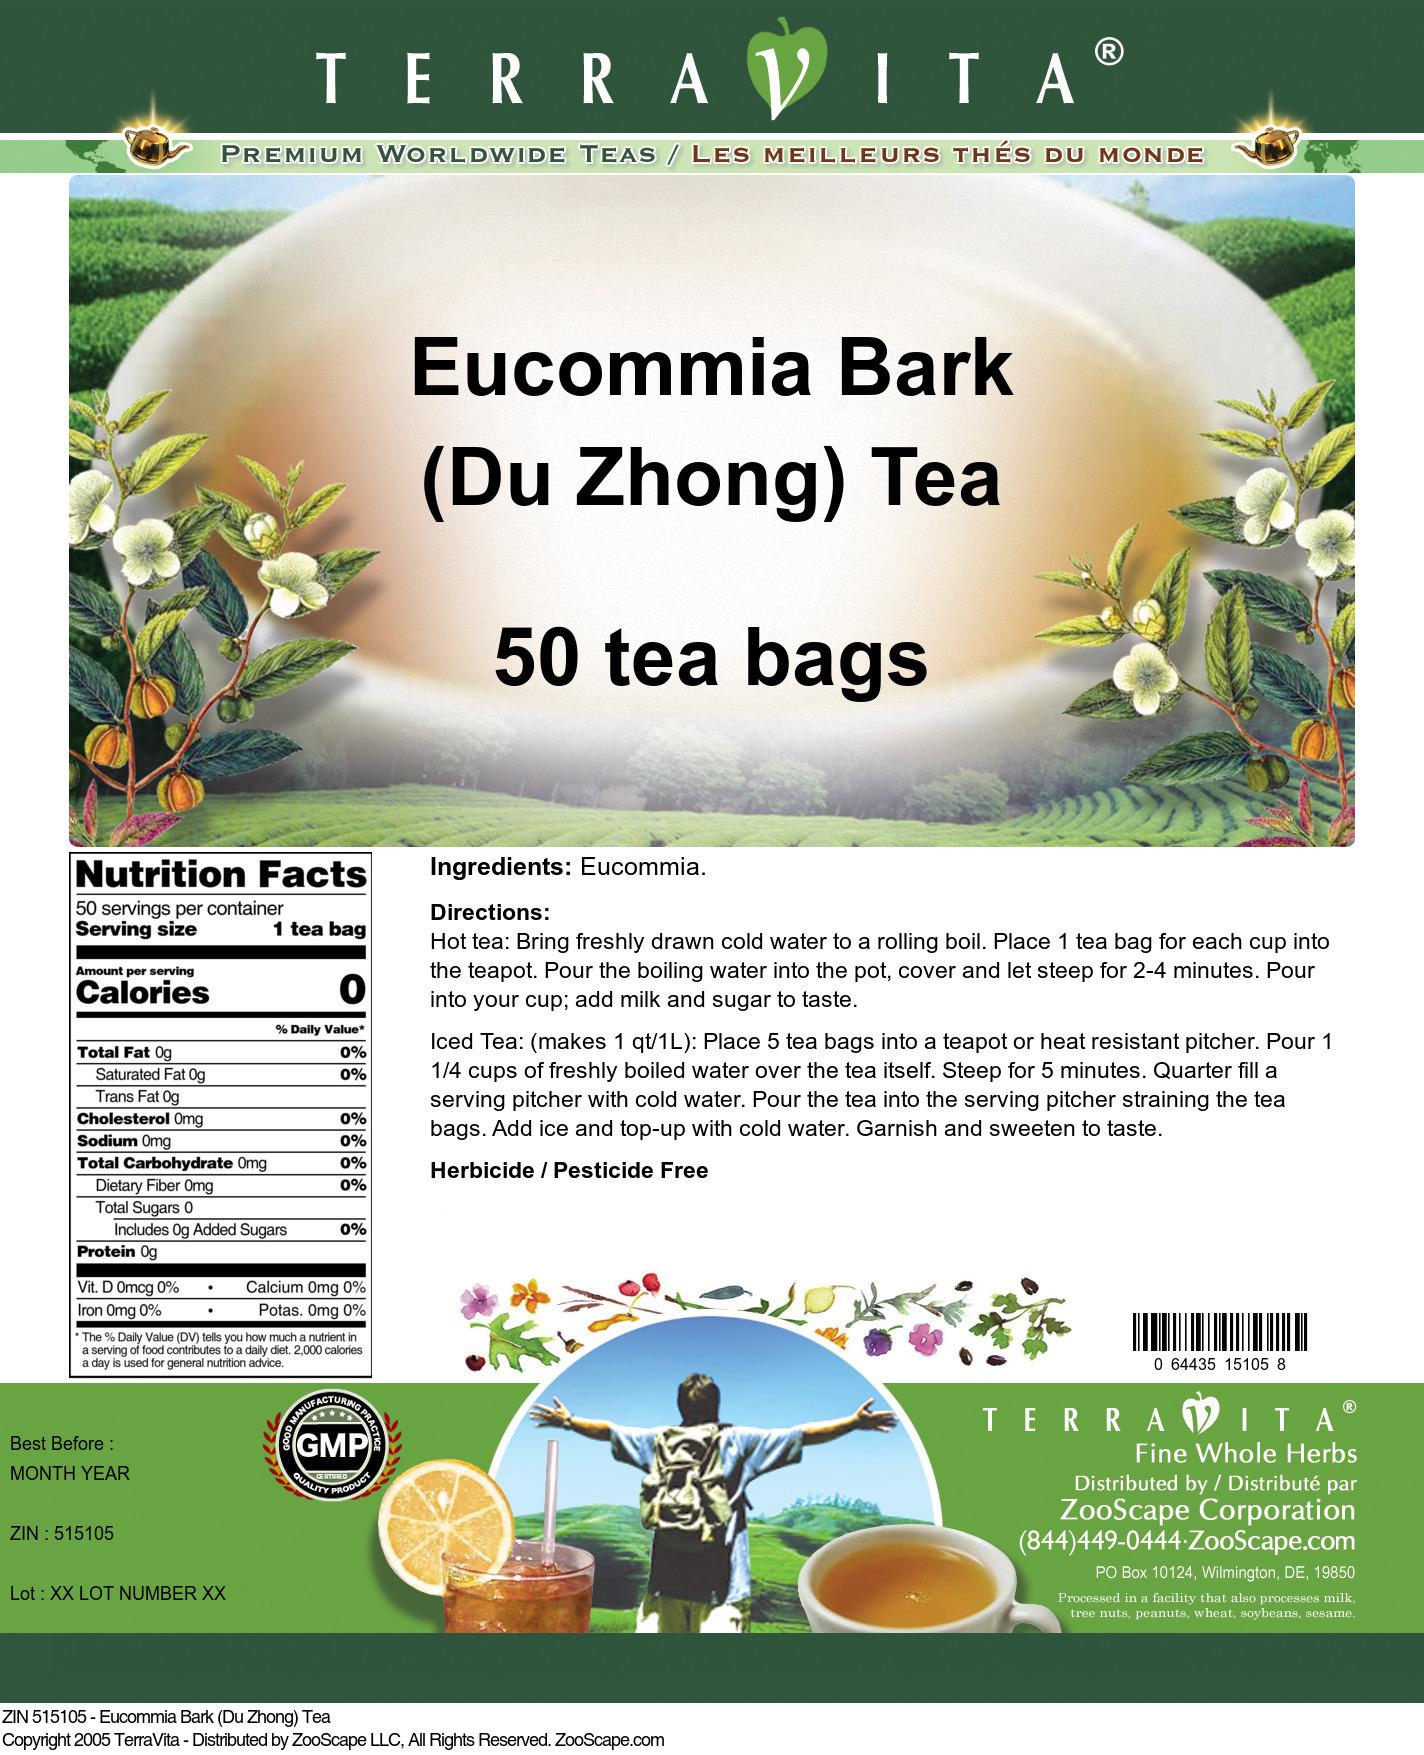 Eucommia Bark (Du Zhong) Tea